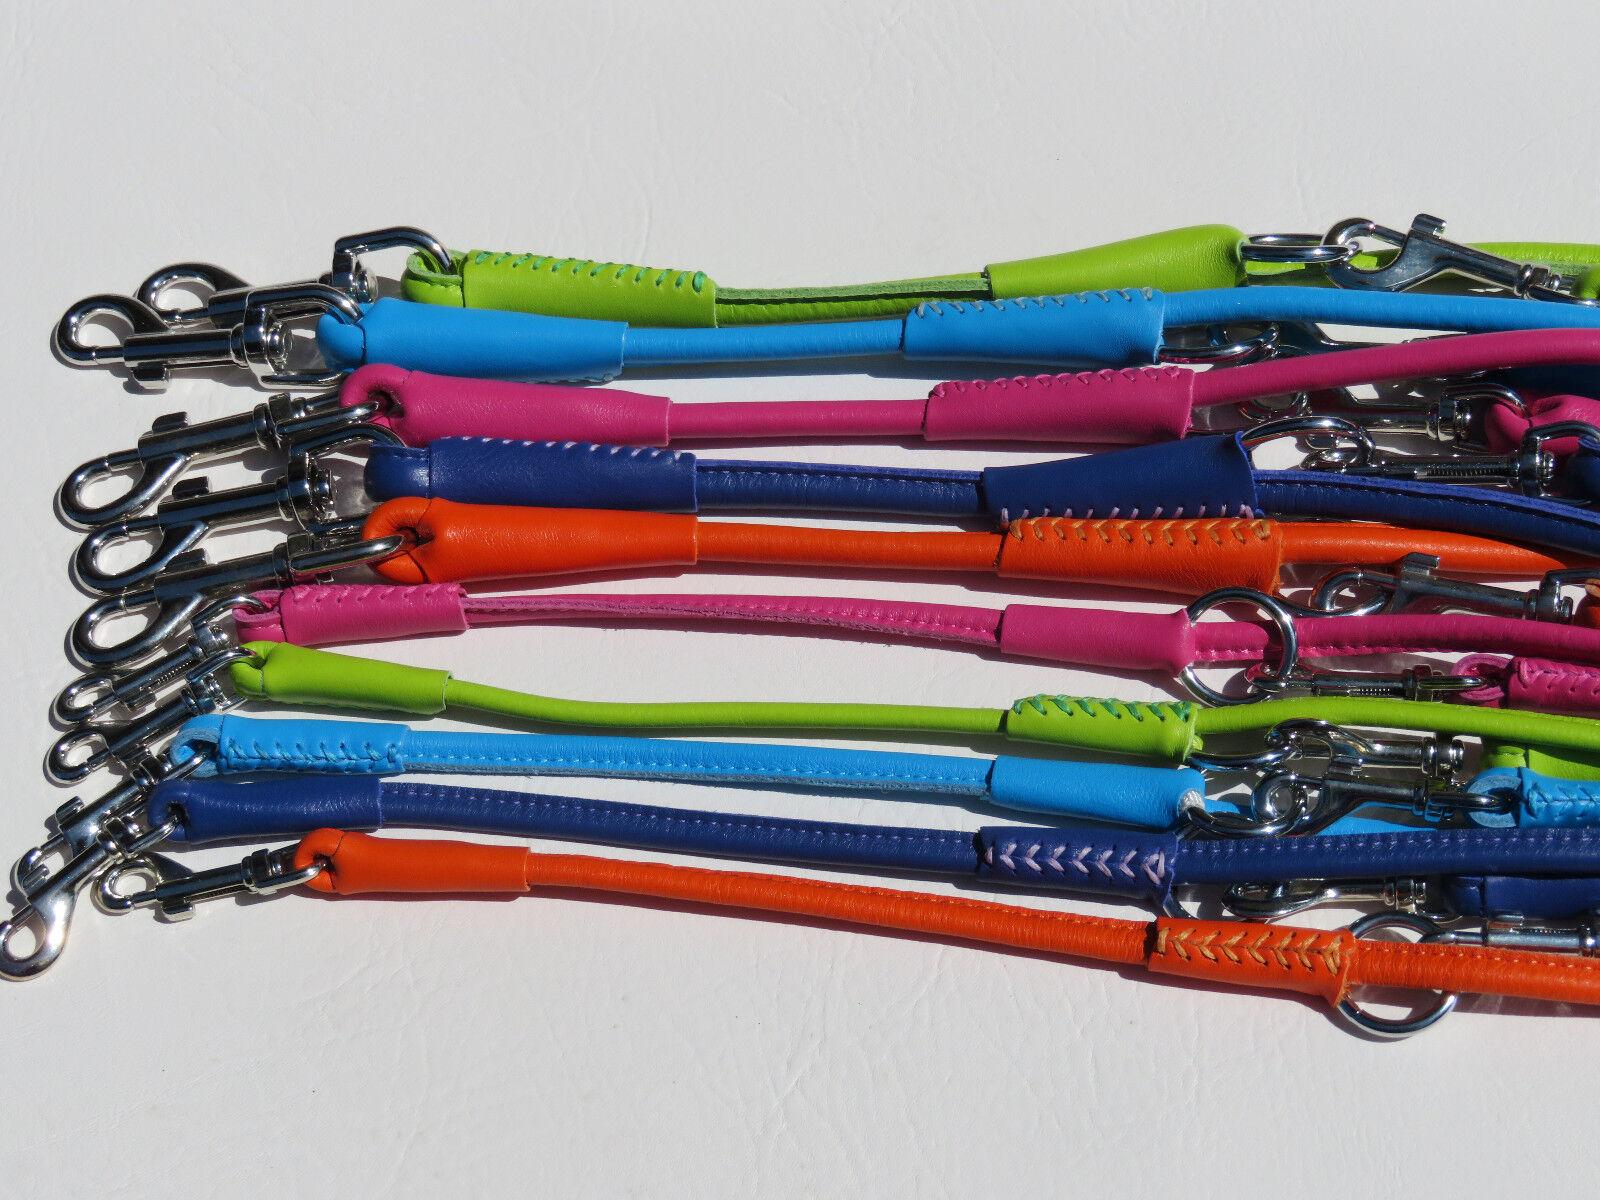 Lederleine Führleine Echtleder Leine Leine Leine Rainbow Farben Collar     | Exquisite Verarbeitung  2a07a6